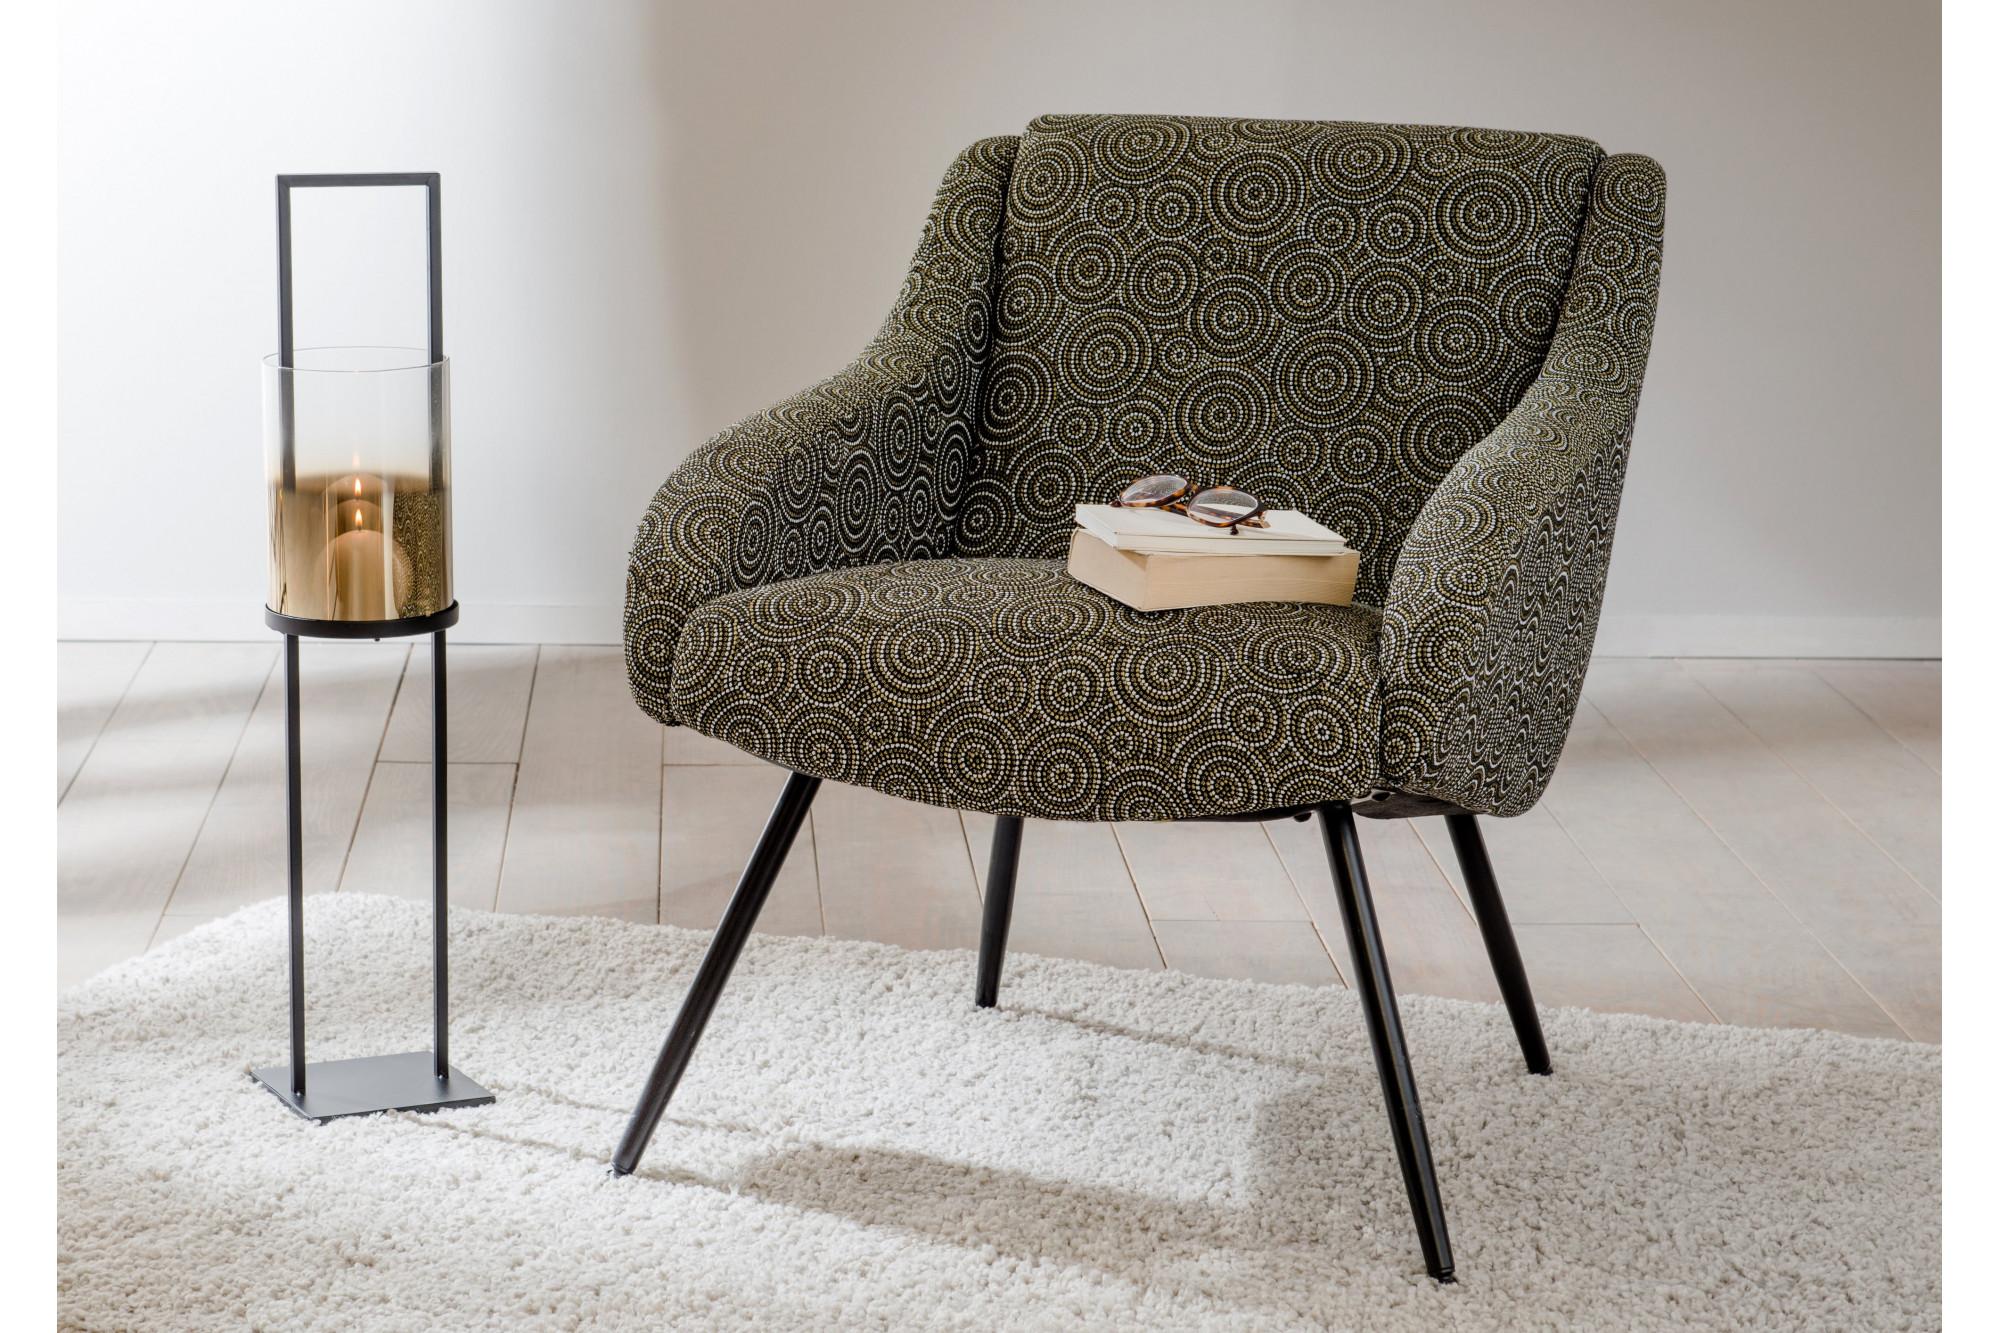 fauteuil en tissu motifs jacquard avec pitement en mtal noir - Fauteuil En Tissu